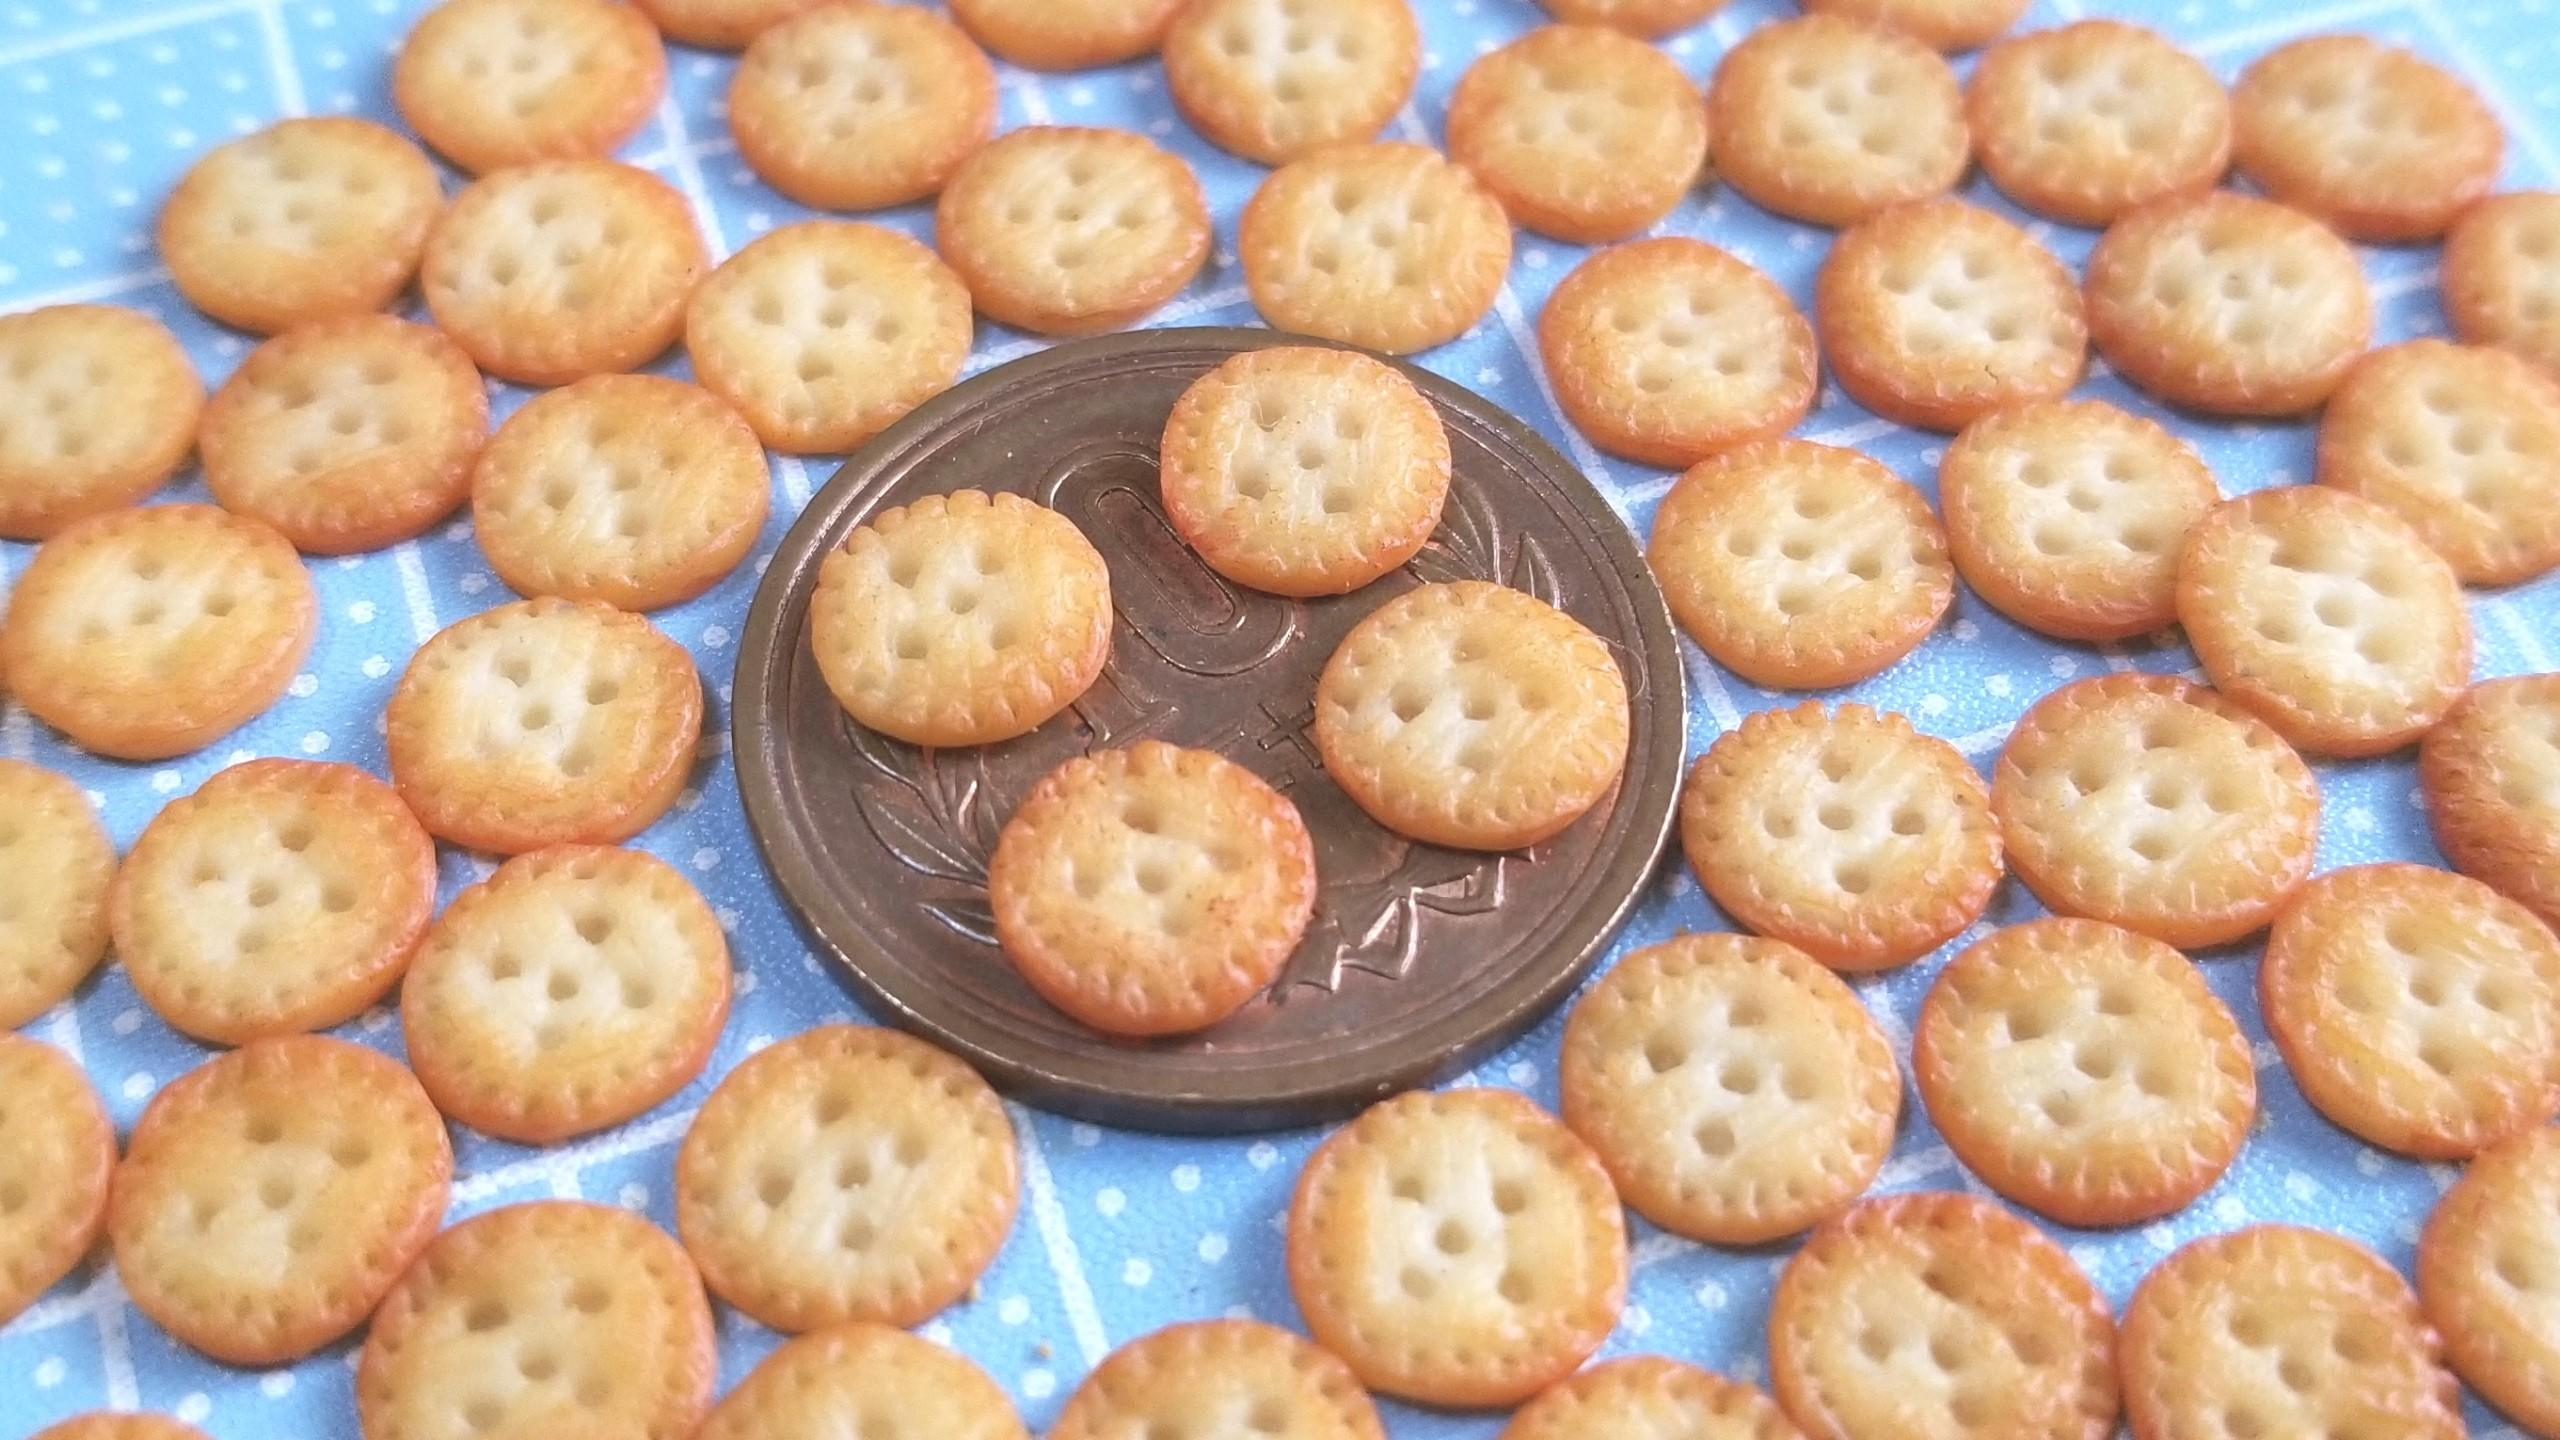 ミニチュア,クッキー,着色,樹脂粘土,ドールハウス,人形,焼き菓子